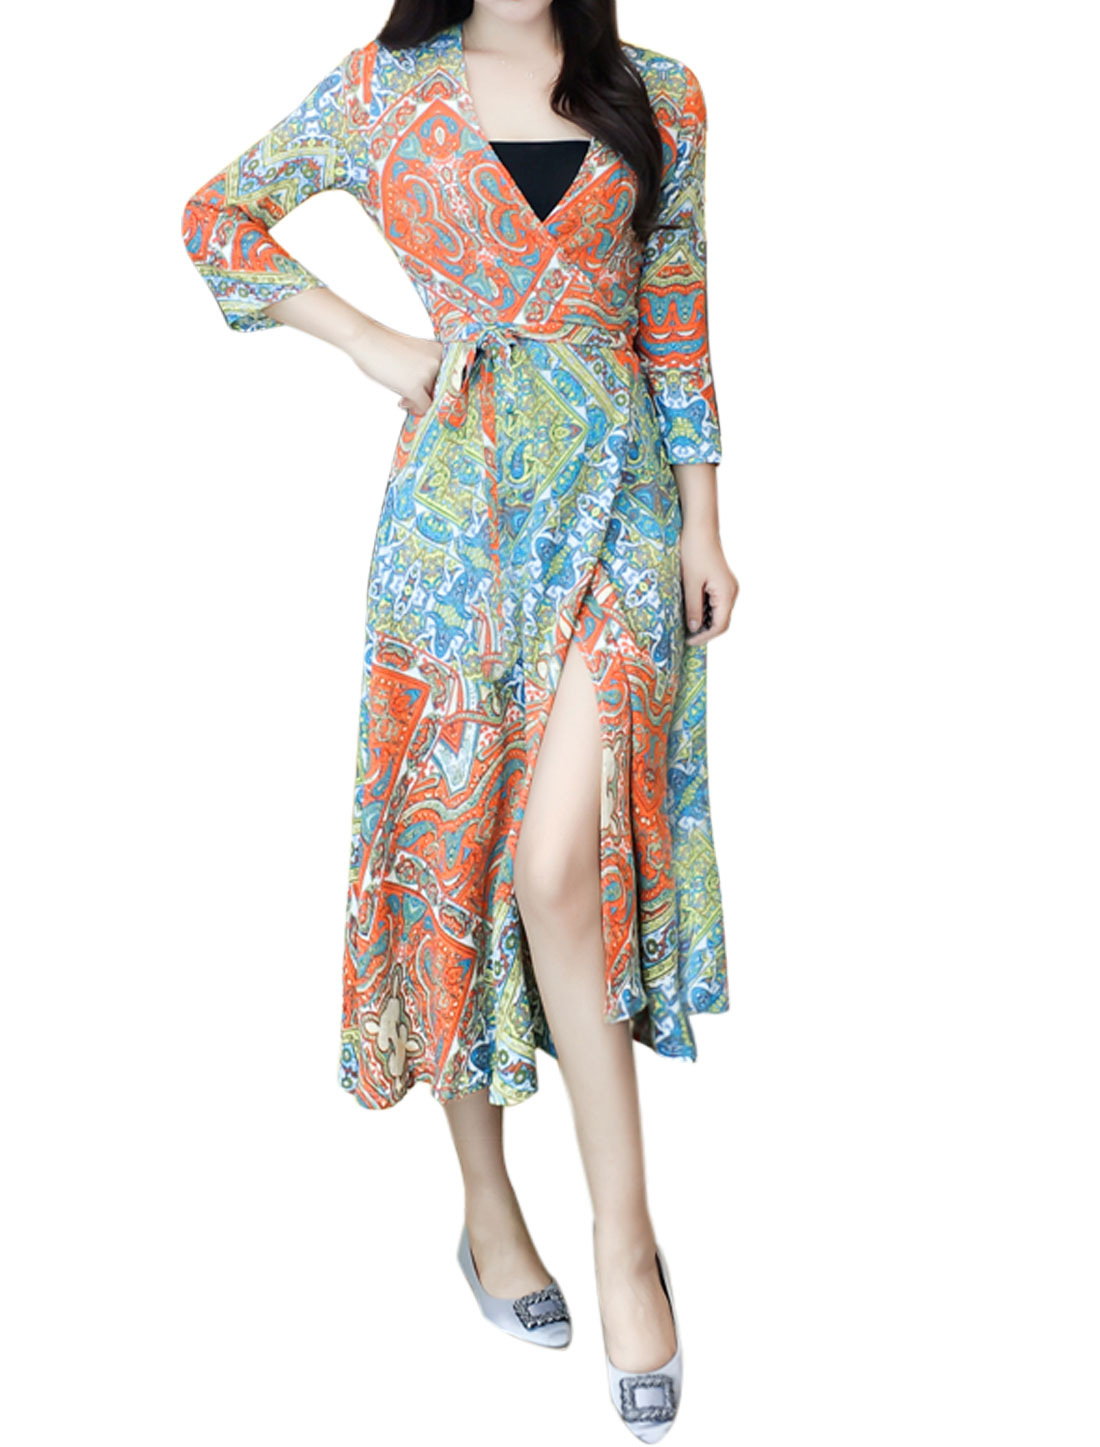 Women 3/4 Sleeves Paisleys Novelty Prints Mid-Calf Wrap Dress Yellow XS